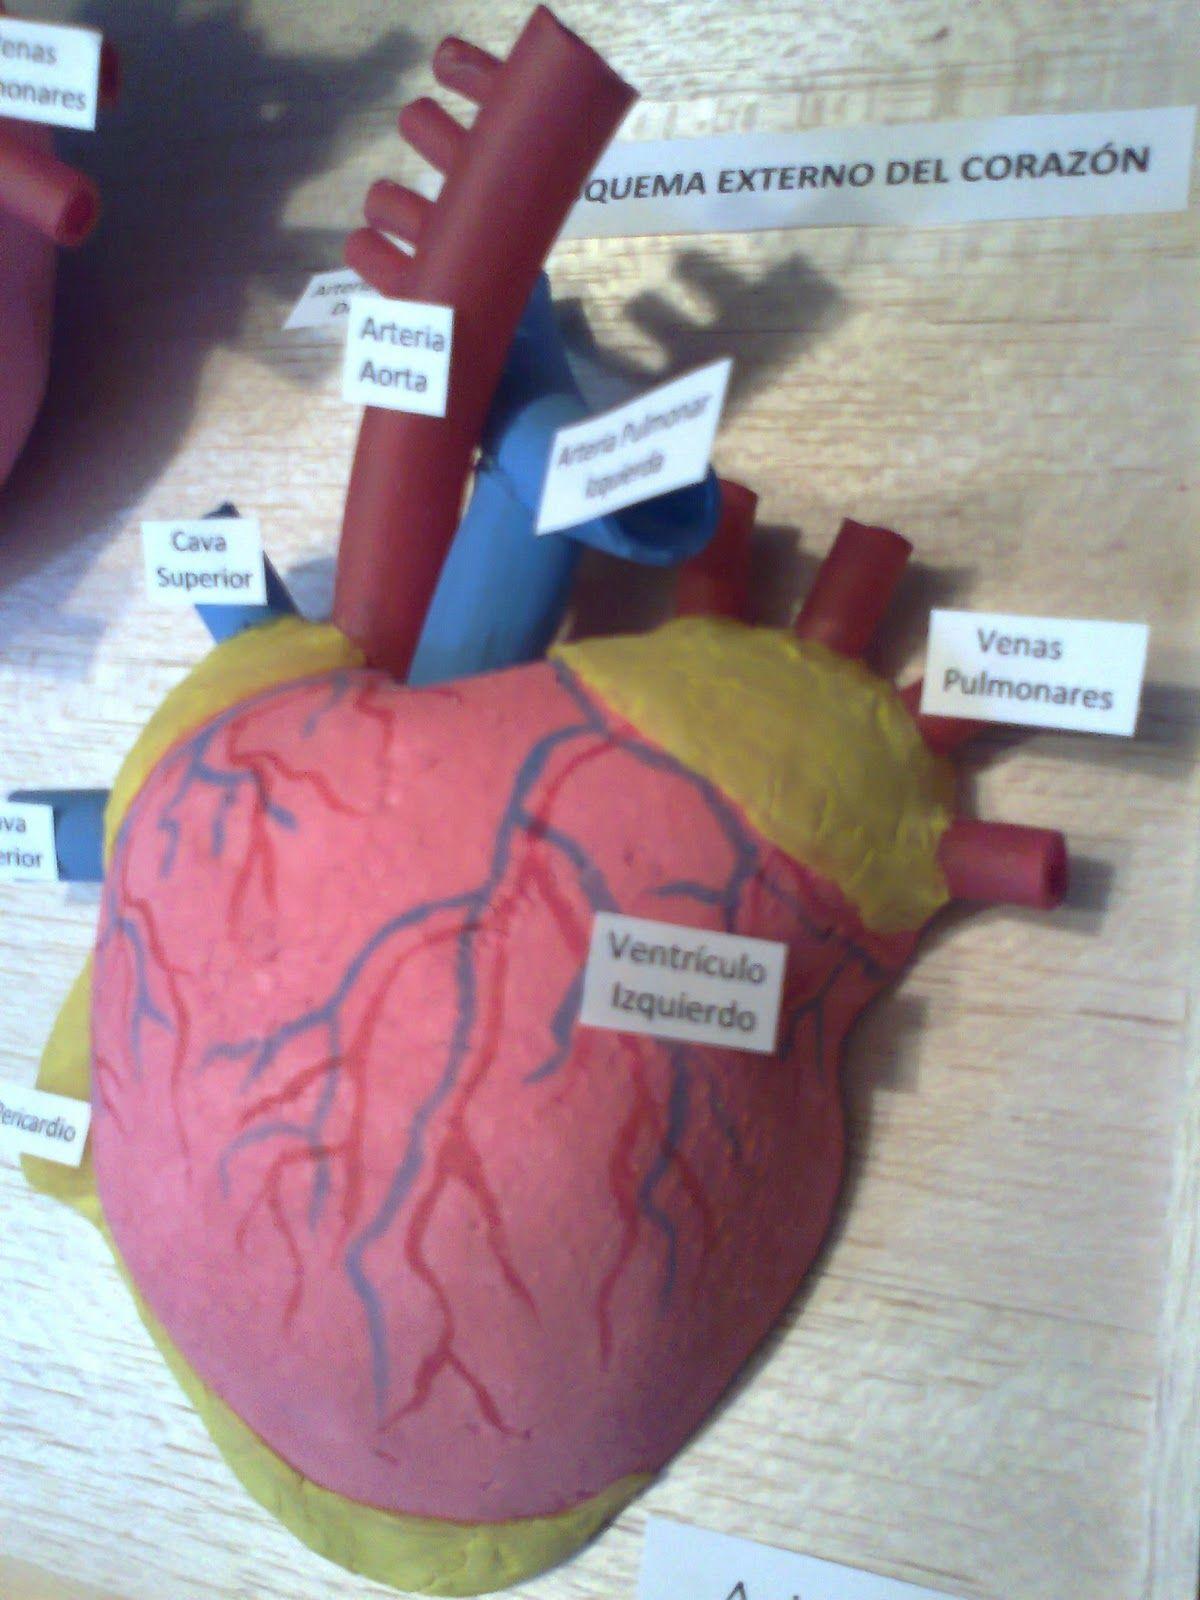 Maquetas y arte: Esquema interno y externo del corazón | Heart ...